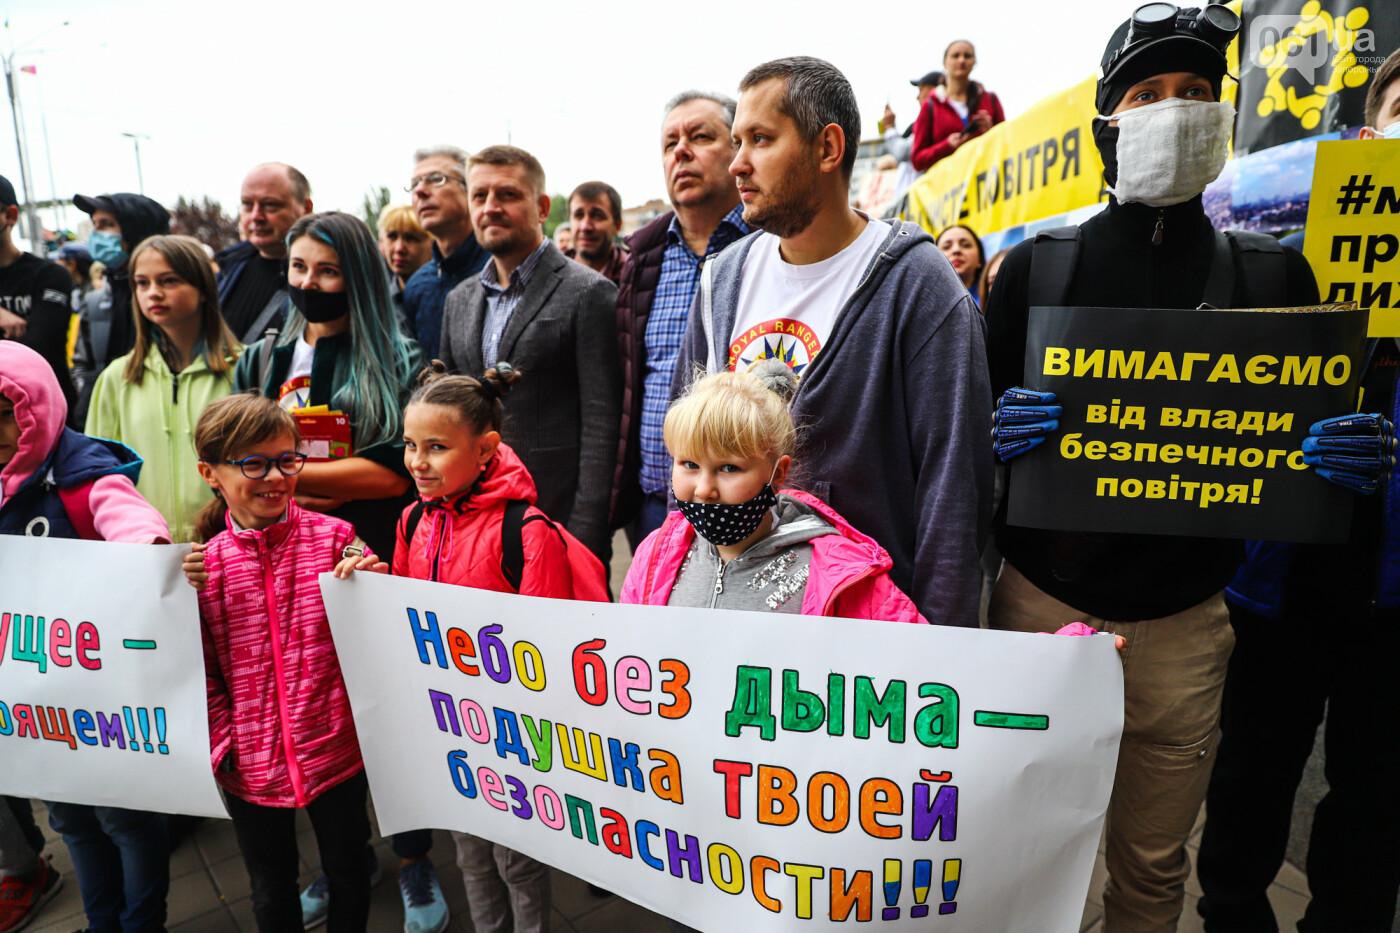 Маю право дихати: тысячи запорожцев вышли на экологический митинг, ФОТО, ВИДЕО, фото-22